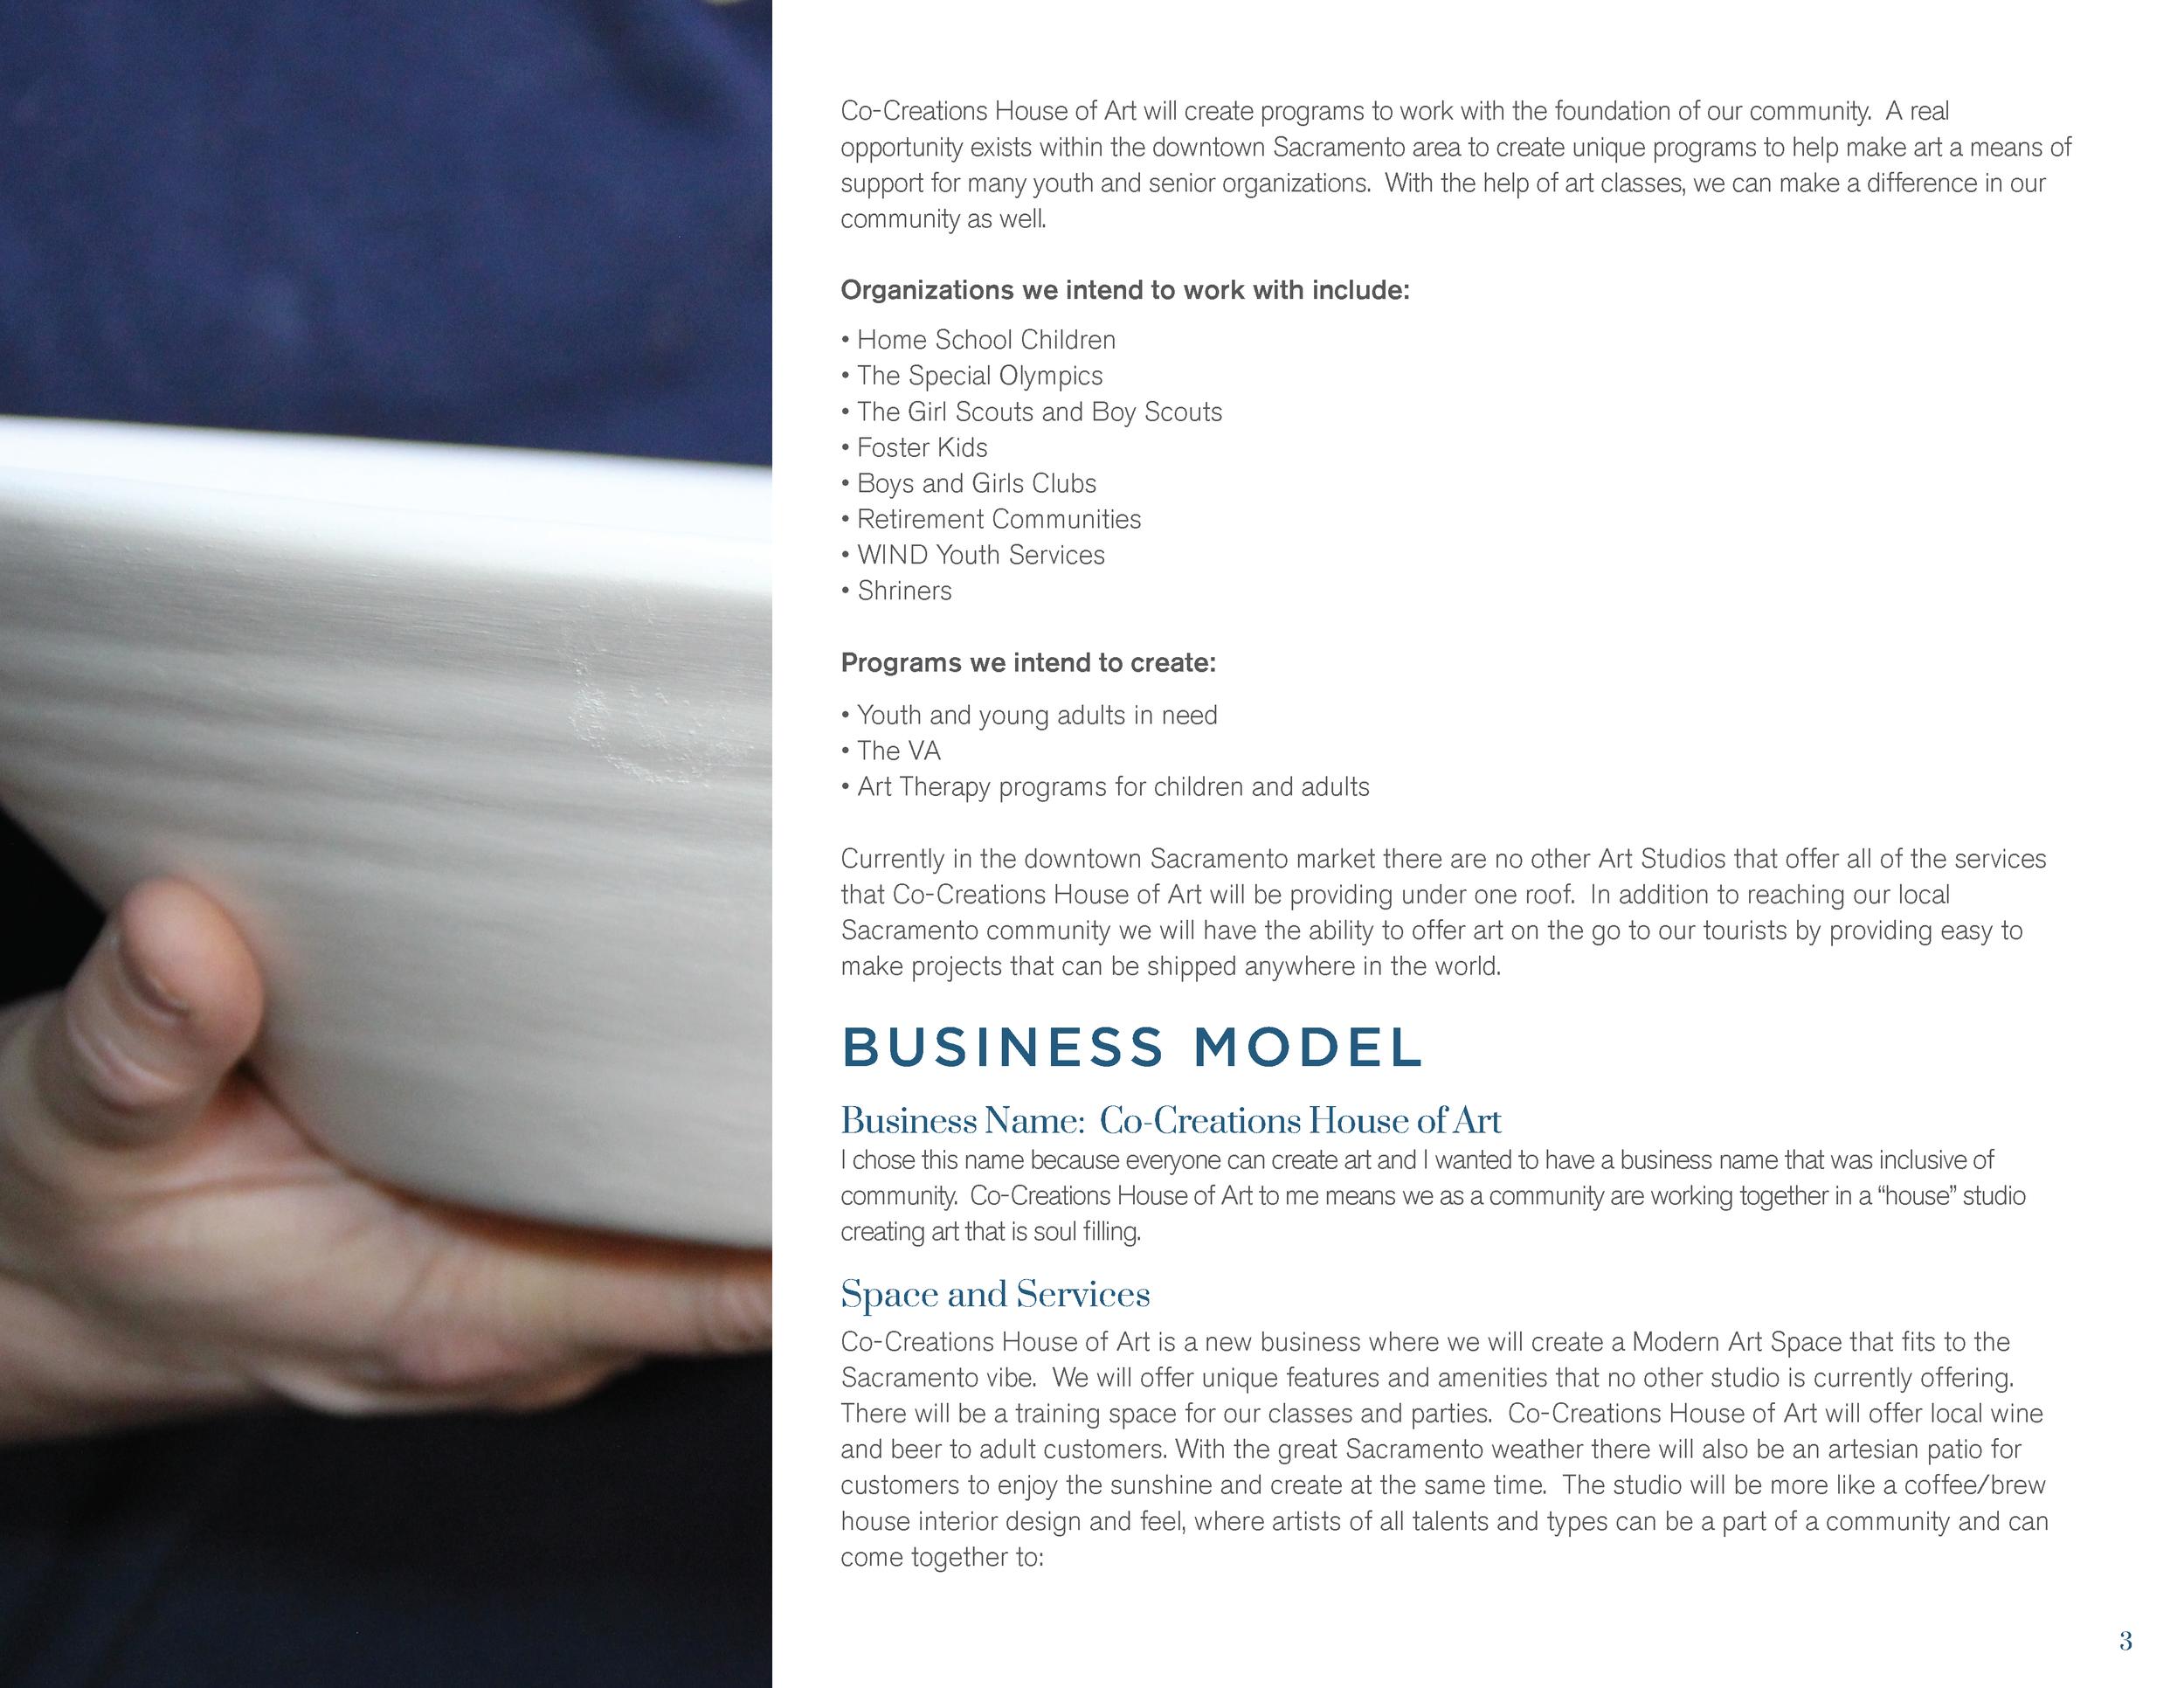 JR_Business Plan_v3_Page_03.png